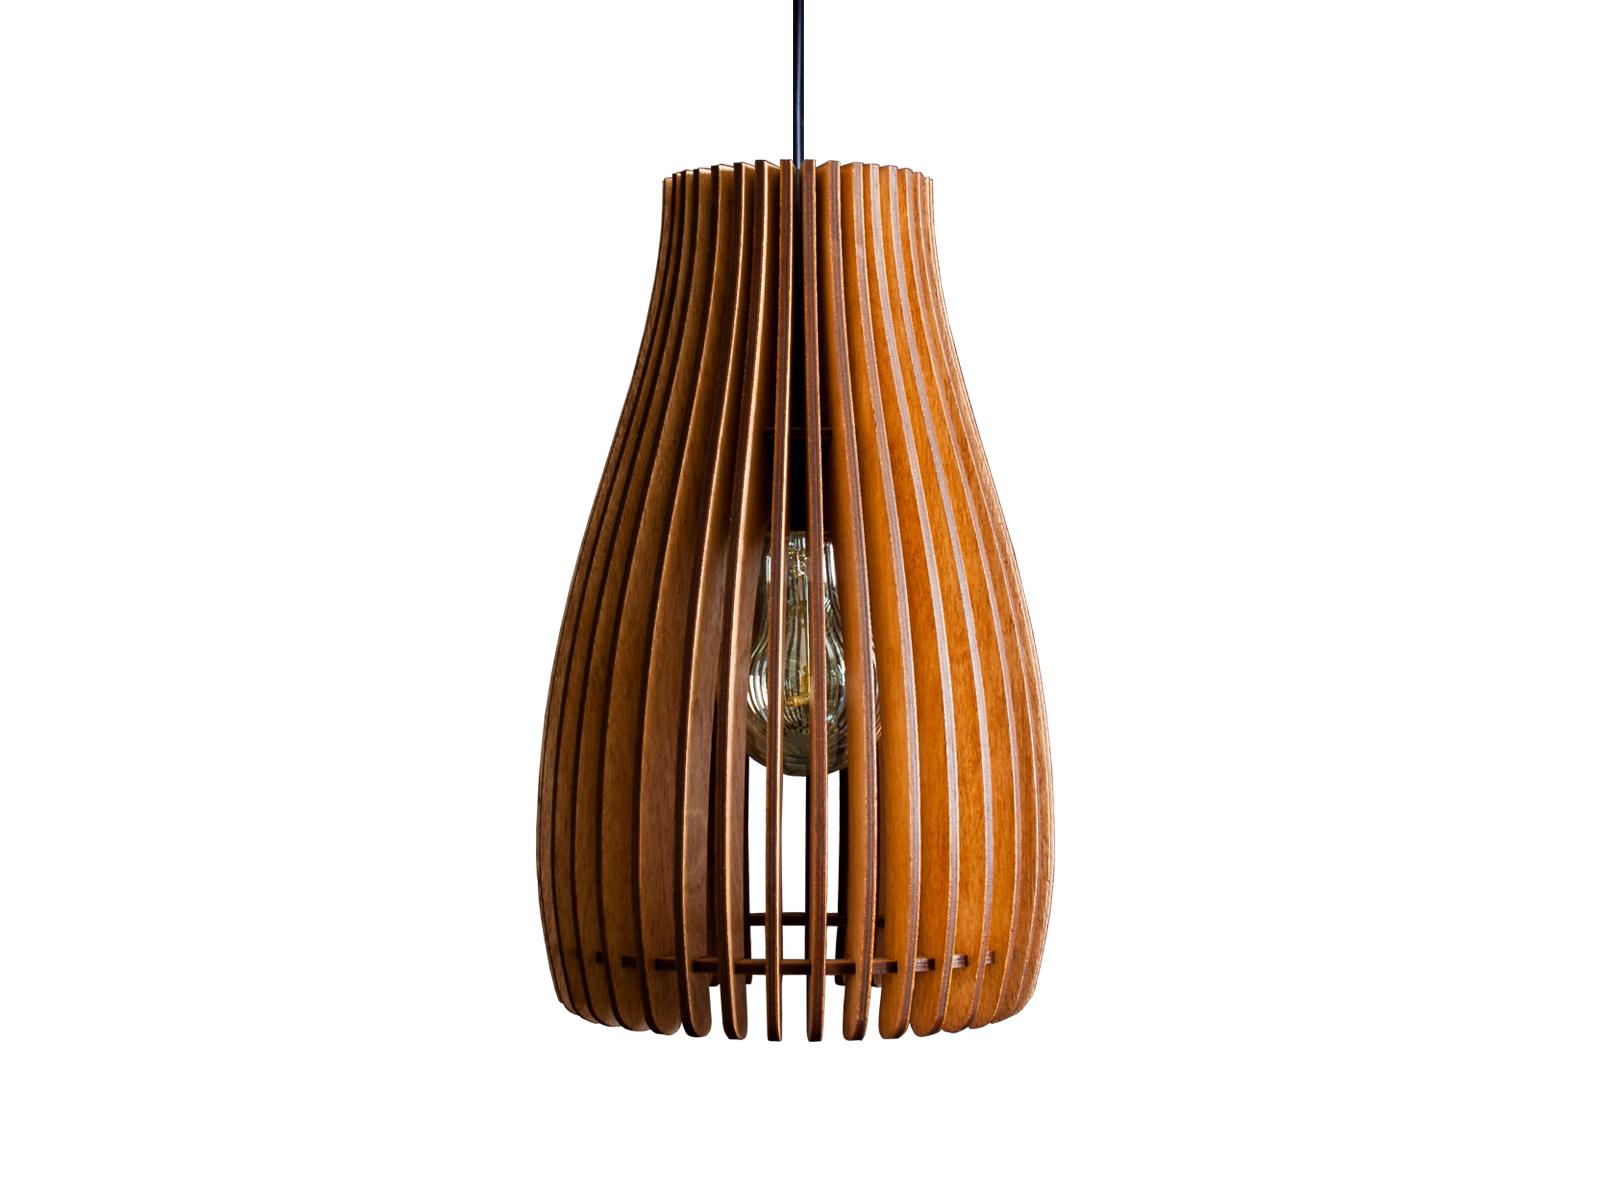 Светильник ИваПодвесные светильники<br>Утонченная лампа, прекрасна для подсветки деталей и акцентирования внимания. Лампа изготовлена из натуральной березовой фанеры и обработана мебельным воском по английской технологии. Воск переливается, блестит, подчеркивает текстуру дерева и очень устойчив к царапинам. Прекрасно подходит как для классических интерьеров, так и для техно и лофт стилей.&amp;amp;nbsp;&amp;lt;div&amp;gt;Мы рекомендуем использовать светодиодные (LED) лампы, но Вы также можете использовать и классические лампы накаливания и ретро-лампочки Эдисона.&amp;amp;nbsp;&amp;lt;div&amp;gt;&amp;lt;br&amp;gt;&amp;lt;/div&amp;gt;&amp;lt;/div&amp;gt;&amp;lt;div&amp;gt;&amp;lt;div style=&amp;quot;font-size: 14px;&amp;quot;&amp;gt;&amp;lt;span style=&amp;quot;font-size: 14px;&amp;quot;&amp;gt;Тип цоколя: E27&amp;lt;/span&amp;gt;&amp;lt;br&amp;gt;&amp;lt;/div&amp;gt;&amp;lt;div style=&amp;quot;font-size: 14px;&amp;quot;&amp;gt;&amp;lt;div&amp;gt;Мощность: 40W&amp;lt;/div&amp;gt;&amp;lt;div&amp;gt;Кол-во ламп: 1 (нет в комплекте)&amp;lt;/div&amp;gt;&amp;lt;/div&amp;gt;&amp;lt;div style=&amp;quot;font-size: 14px;&amp;quot;&amp;gt;&amp;lt;br&amp;gt;&amp;lt;/div&amp;gt;&amp;lt;div style=&amp;quot;font-size: 14px;&amp;quot;&amp;gt;Длина провода 150 см.&amp;lt;br&amp;gt;&amp;lt;/div&amp;gt;&amp;lt;div style=&amp;quot;font-size: 14px;&amp;quot;&amp;gt;&amp;lt;span style=&amp;quot;font-size: 14px;&amp;quot;&amp;gt;Не рекомендуется использование лампы мощнее 60 Вт.&amp;lt;/span&amp;gt;&amp;lt;/div&amp;gt;&amp;lt;/div&amp;gt;<br><br>Material: Дерево<br>Width см: None<br>Depth см: None<br>Height см: 27<br>Diameter см: 15